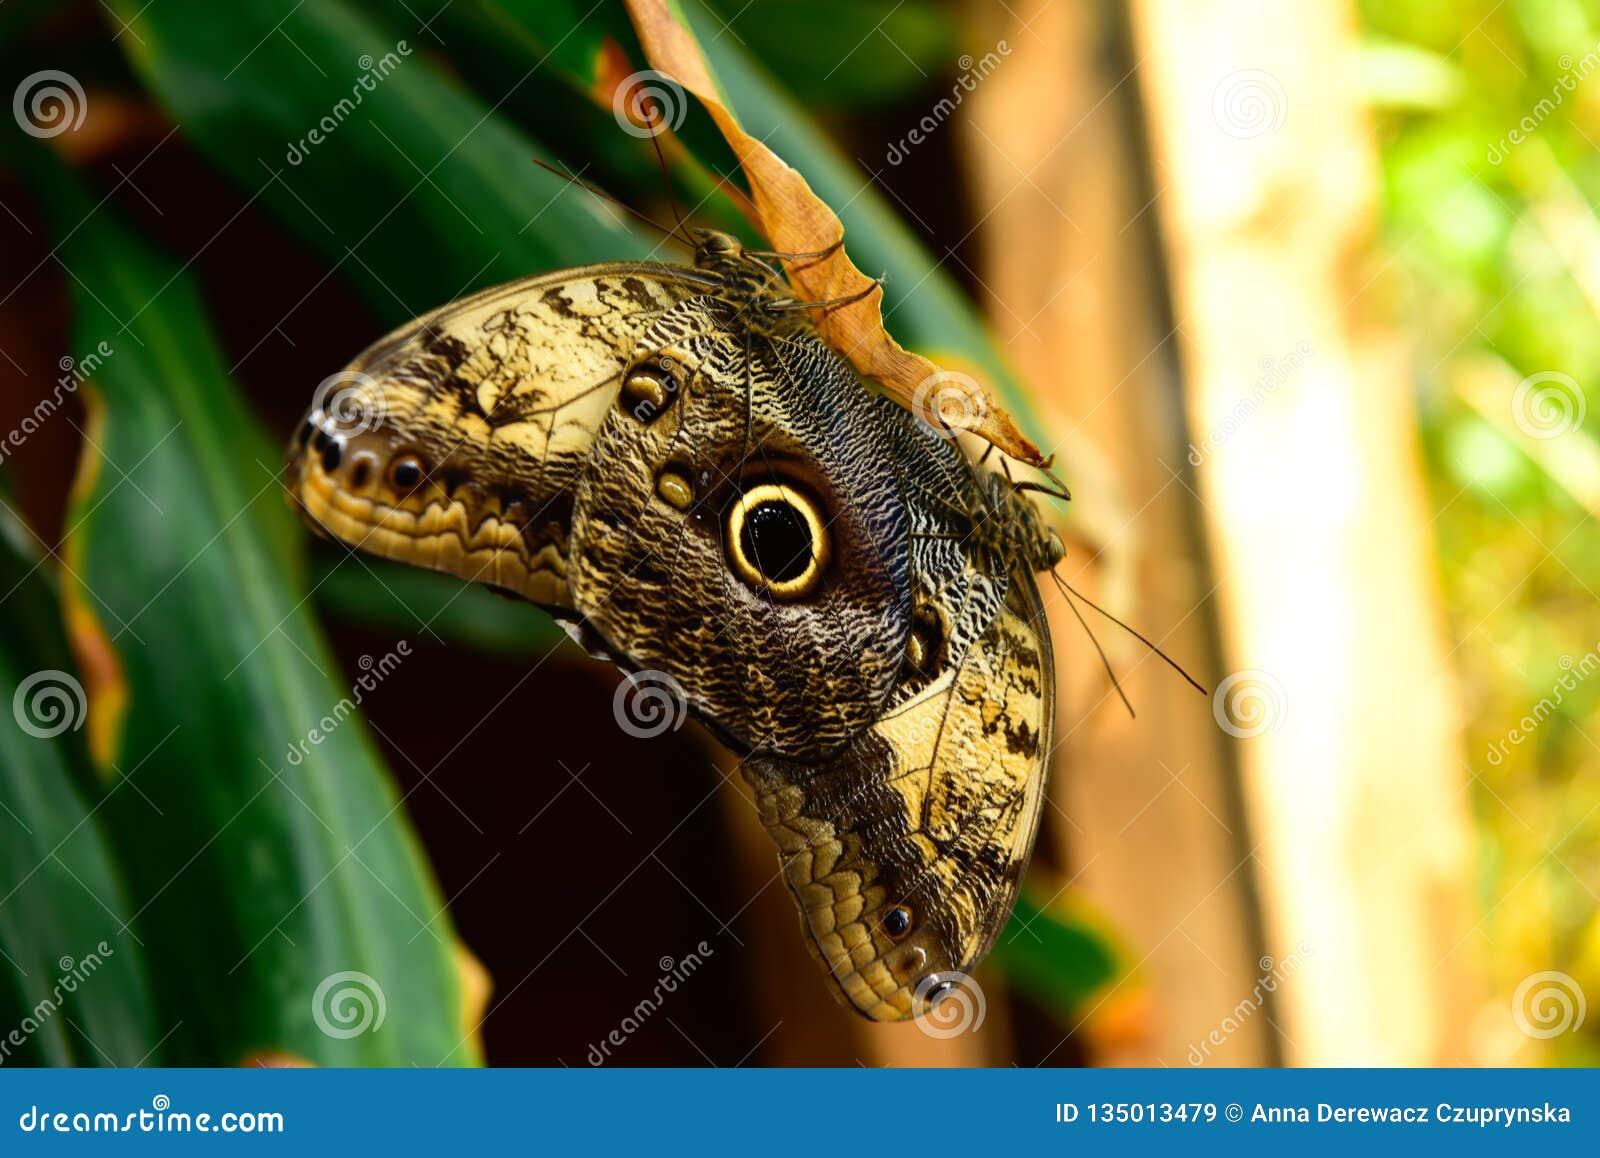 Two Blue Morpho, Morpho peleides, big butterfly sitting green leaf